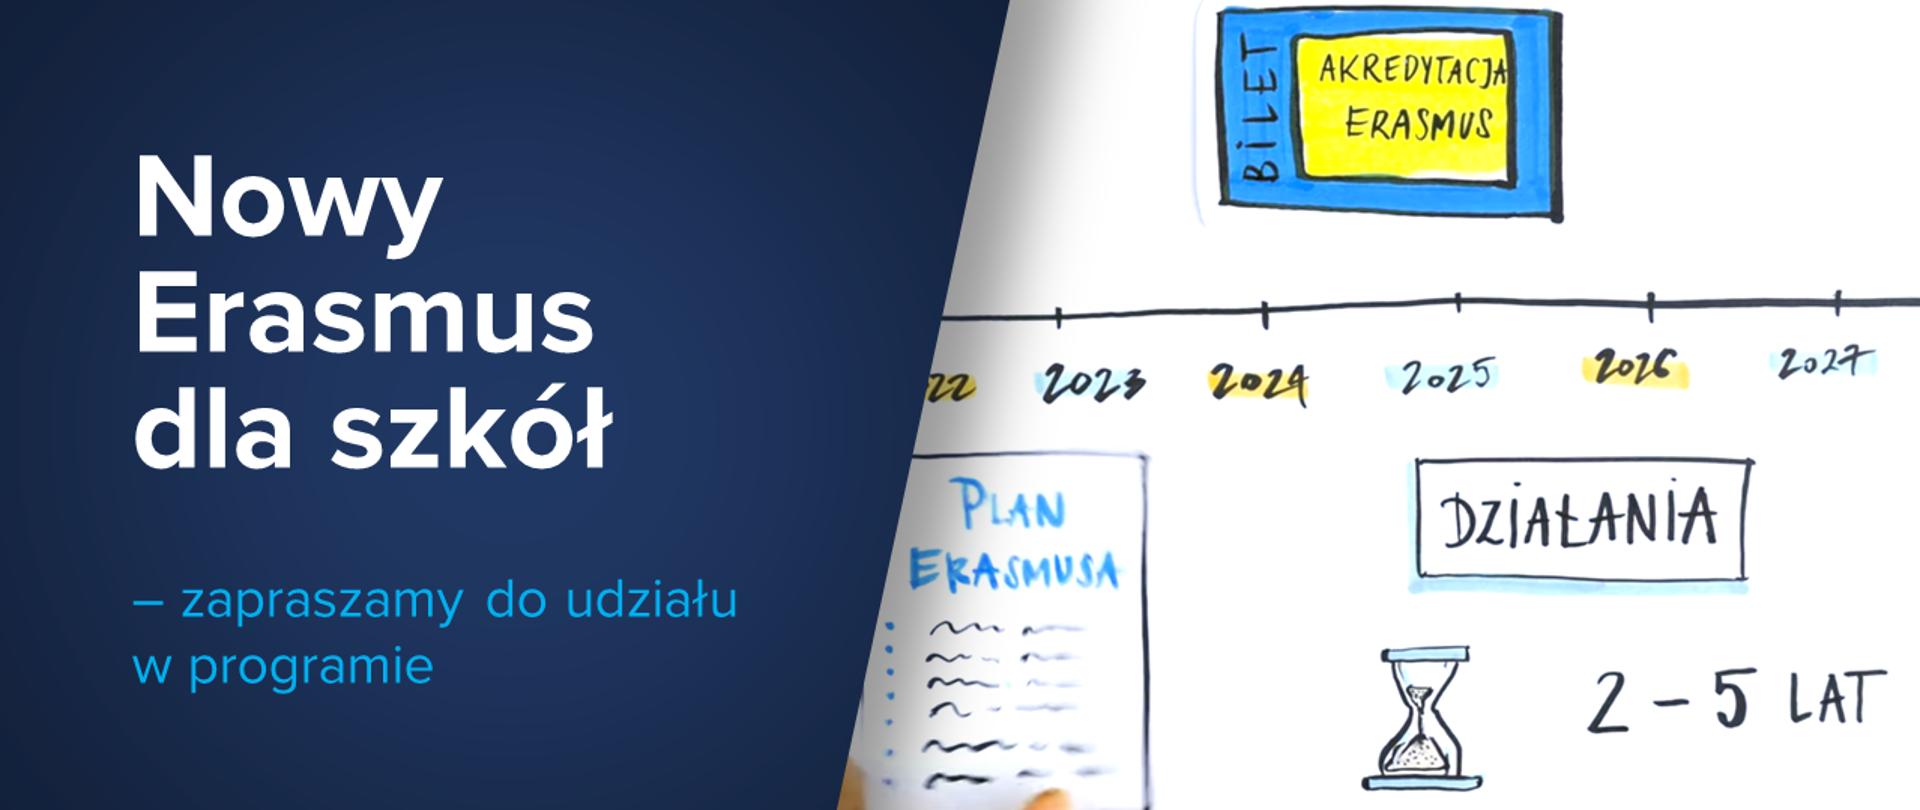 Grafika podzielona na dwie części. Po prawej stronie białe tło z rysunkiem osi czasu z napisami 2022, 2023, 2024, 2025, 2026, 2027. Pod osią prostokąt z napisem działania. Pod prostokątem klepsydra i napis 2-5 lat. Po lewej stronie od napisu działania napis Plan Erasmusa i linie sugerujące pismo. Po lewej stronie na granatowym tle napis: Nowy Erasmus dla szkół - zapraszamy do udziału w programie.